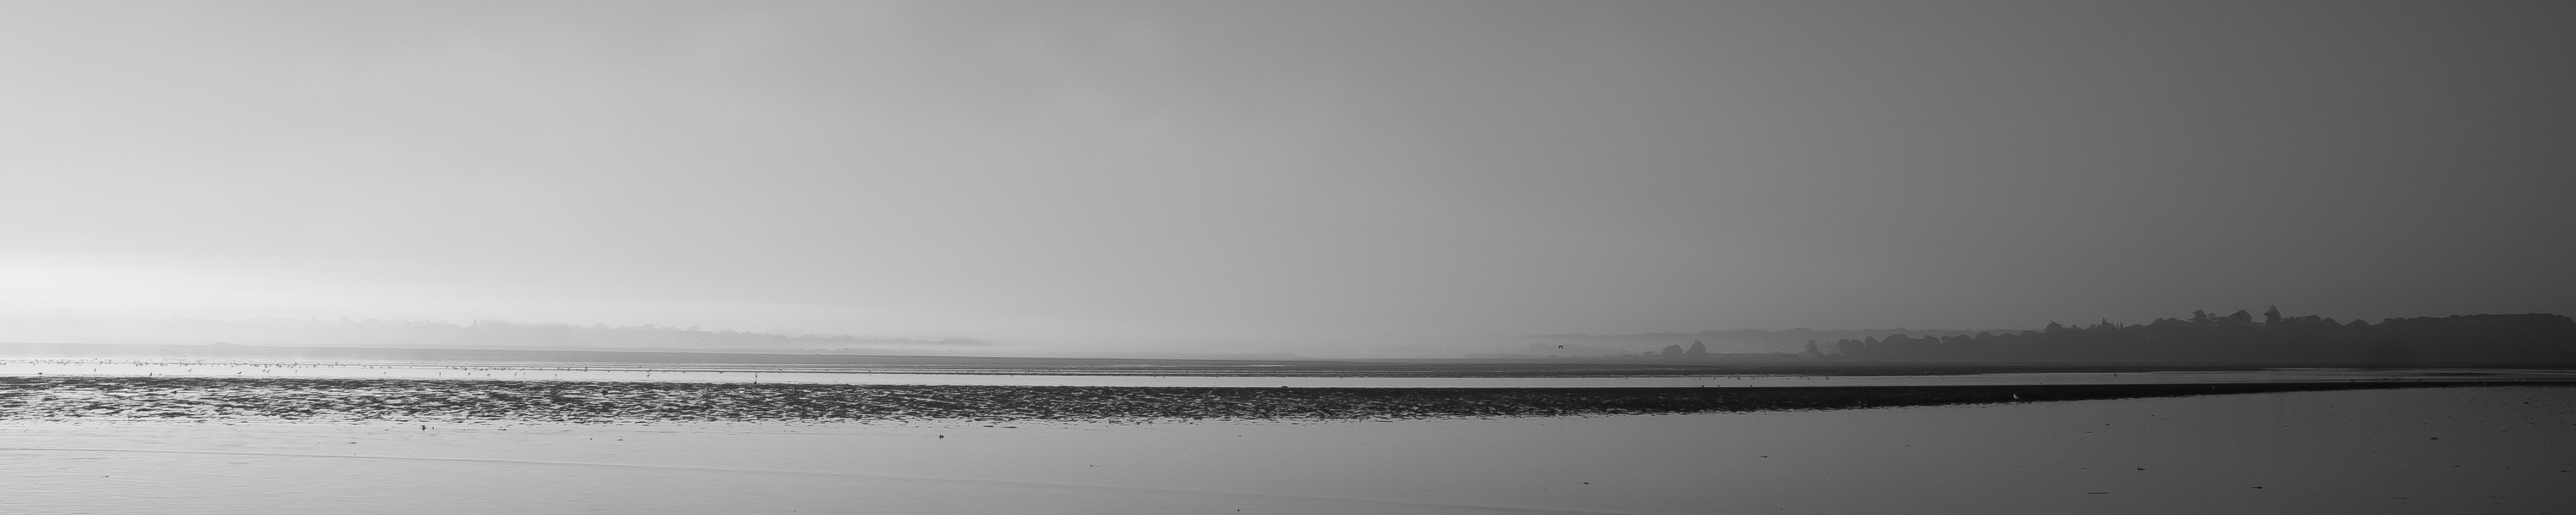 Presqu'île en poésie – Saint-Jacut-de-la-mer